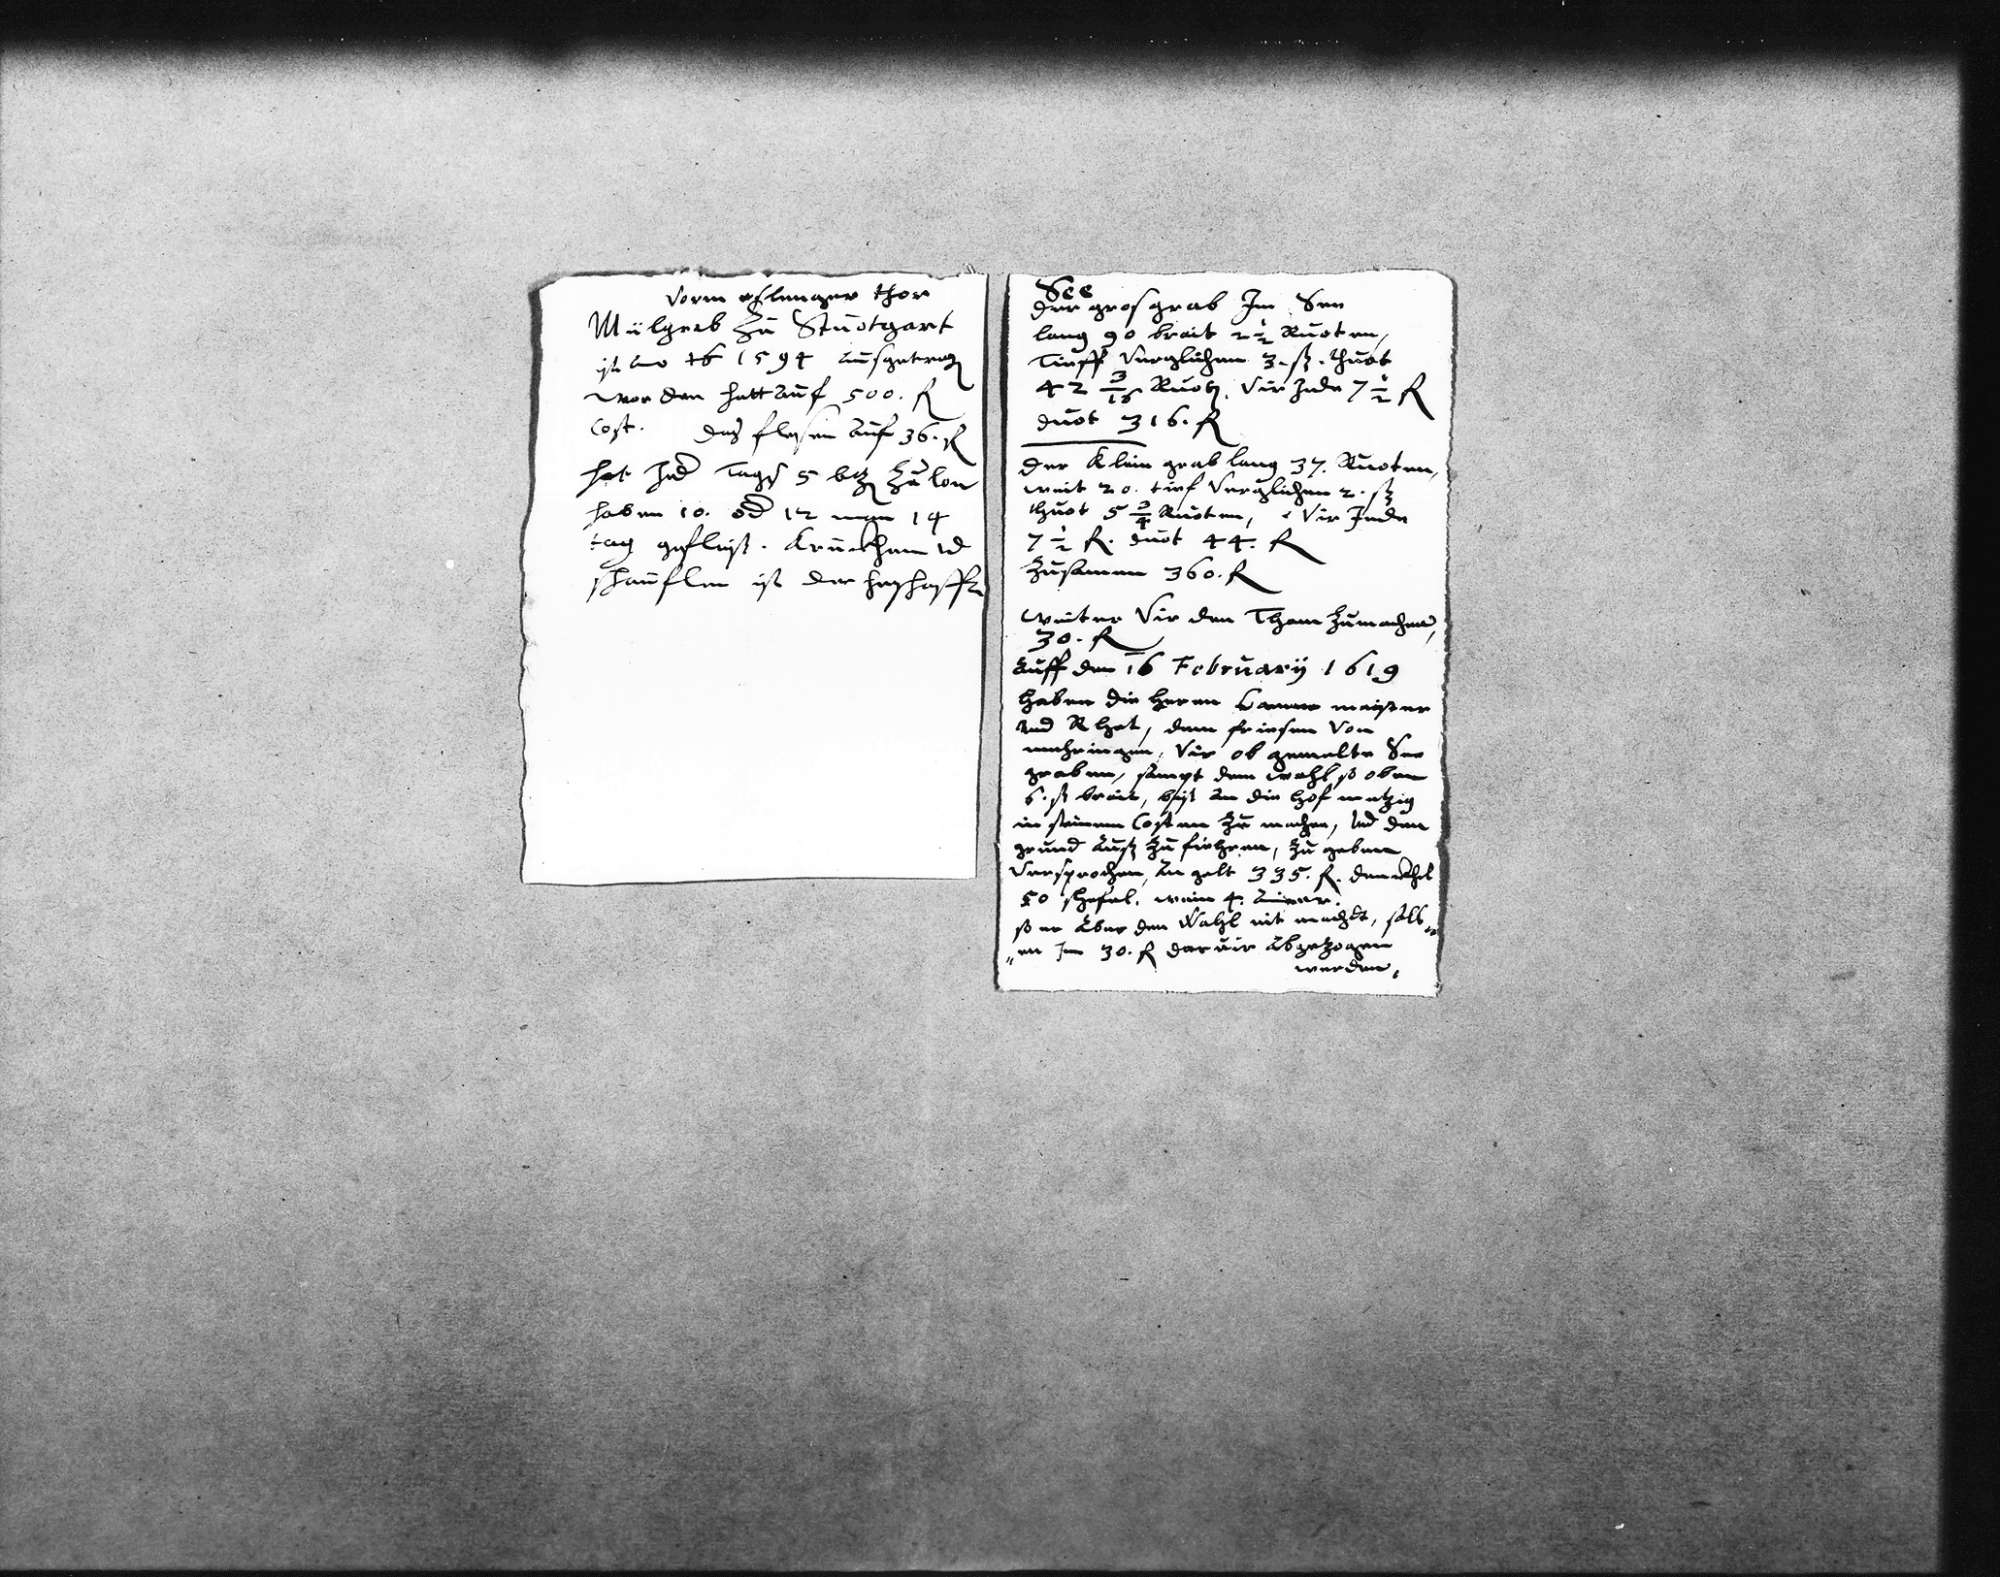 Abrechnung über die Ausführung des unteren Sees mit namentlicher Auflistung der Handwerker und Fuhrleute und Bericht über den Klotzgraben im See, 1619 (Folio Doppelblatt, Folio), beiliegend Notizen über kleinen und großen Graben und den Damm (Quart) und über das Aufgraben des Mühlgrabens vor dem Esslinger Tor im Jahr 1594 (Quart), Bild 3